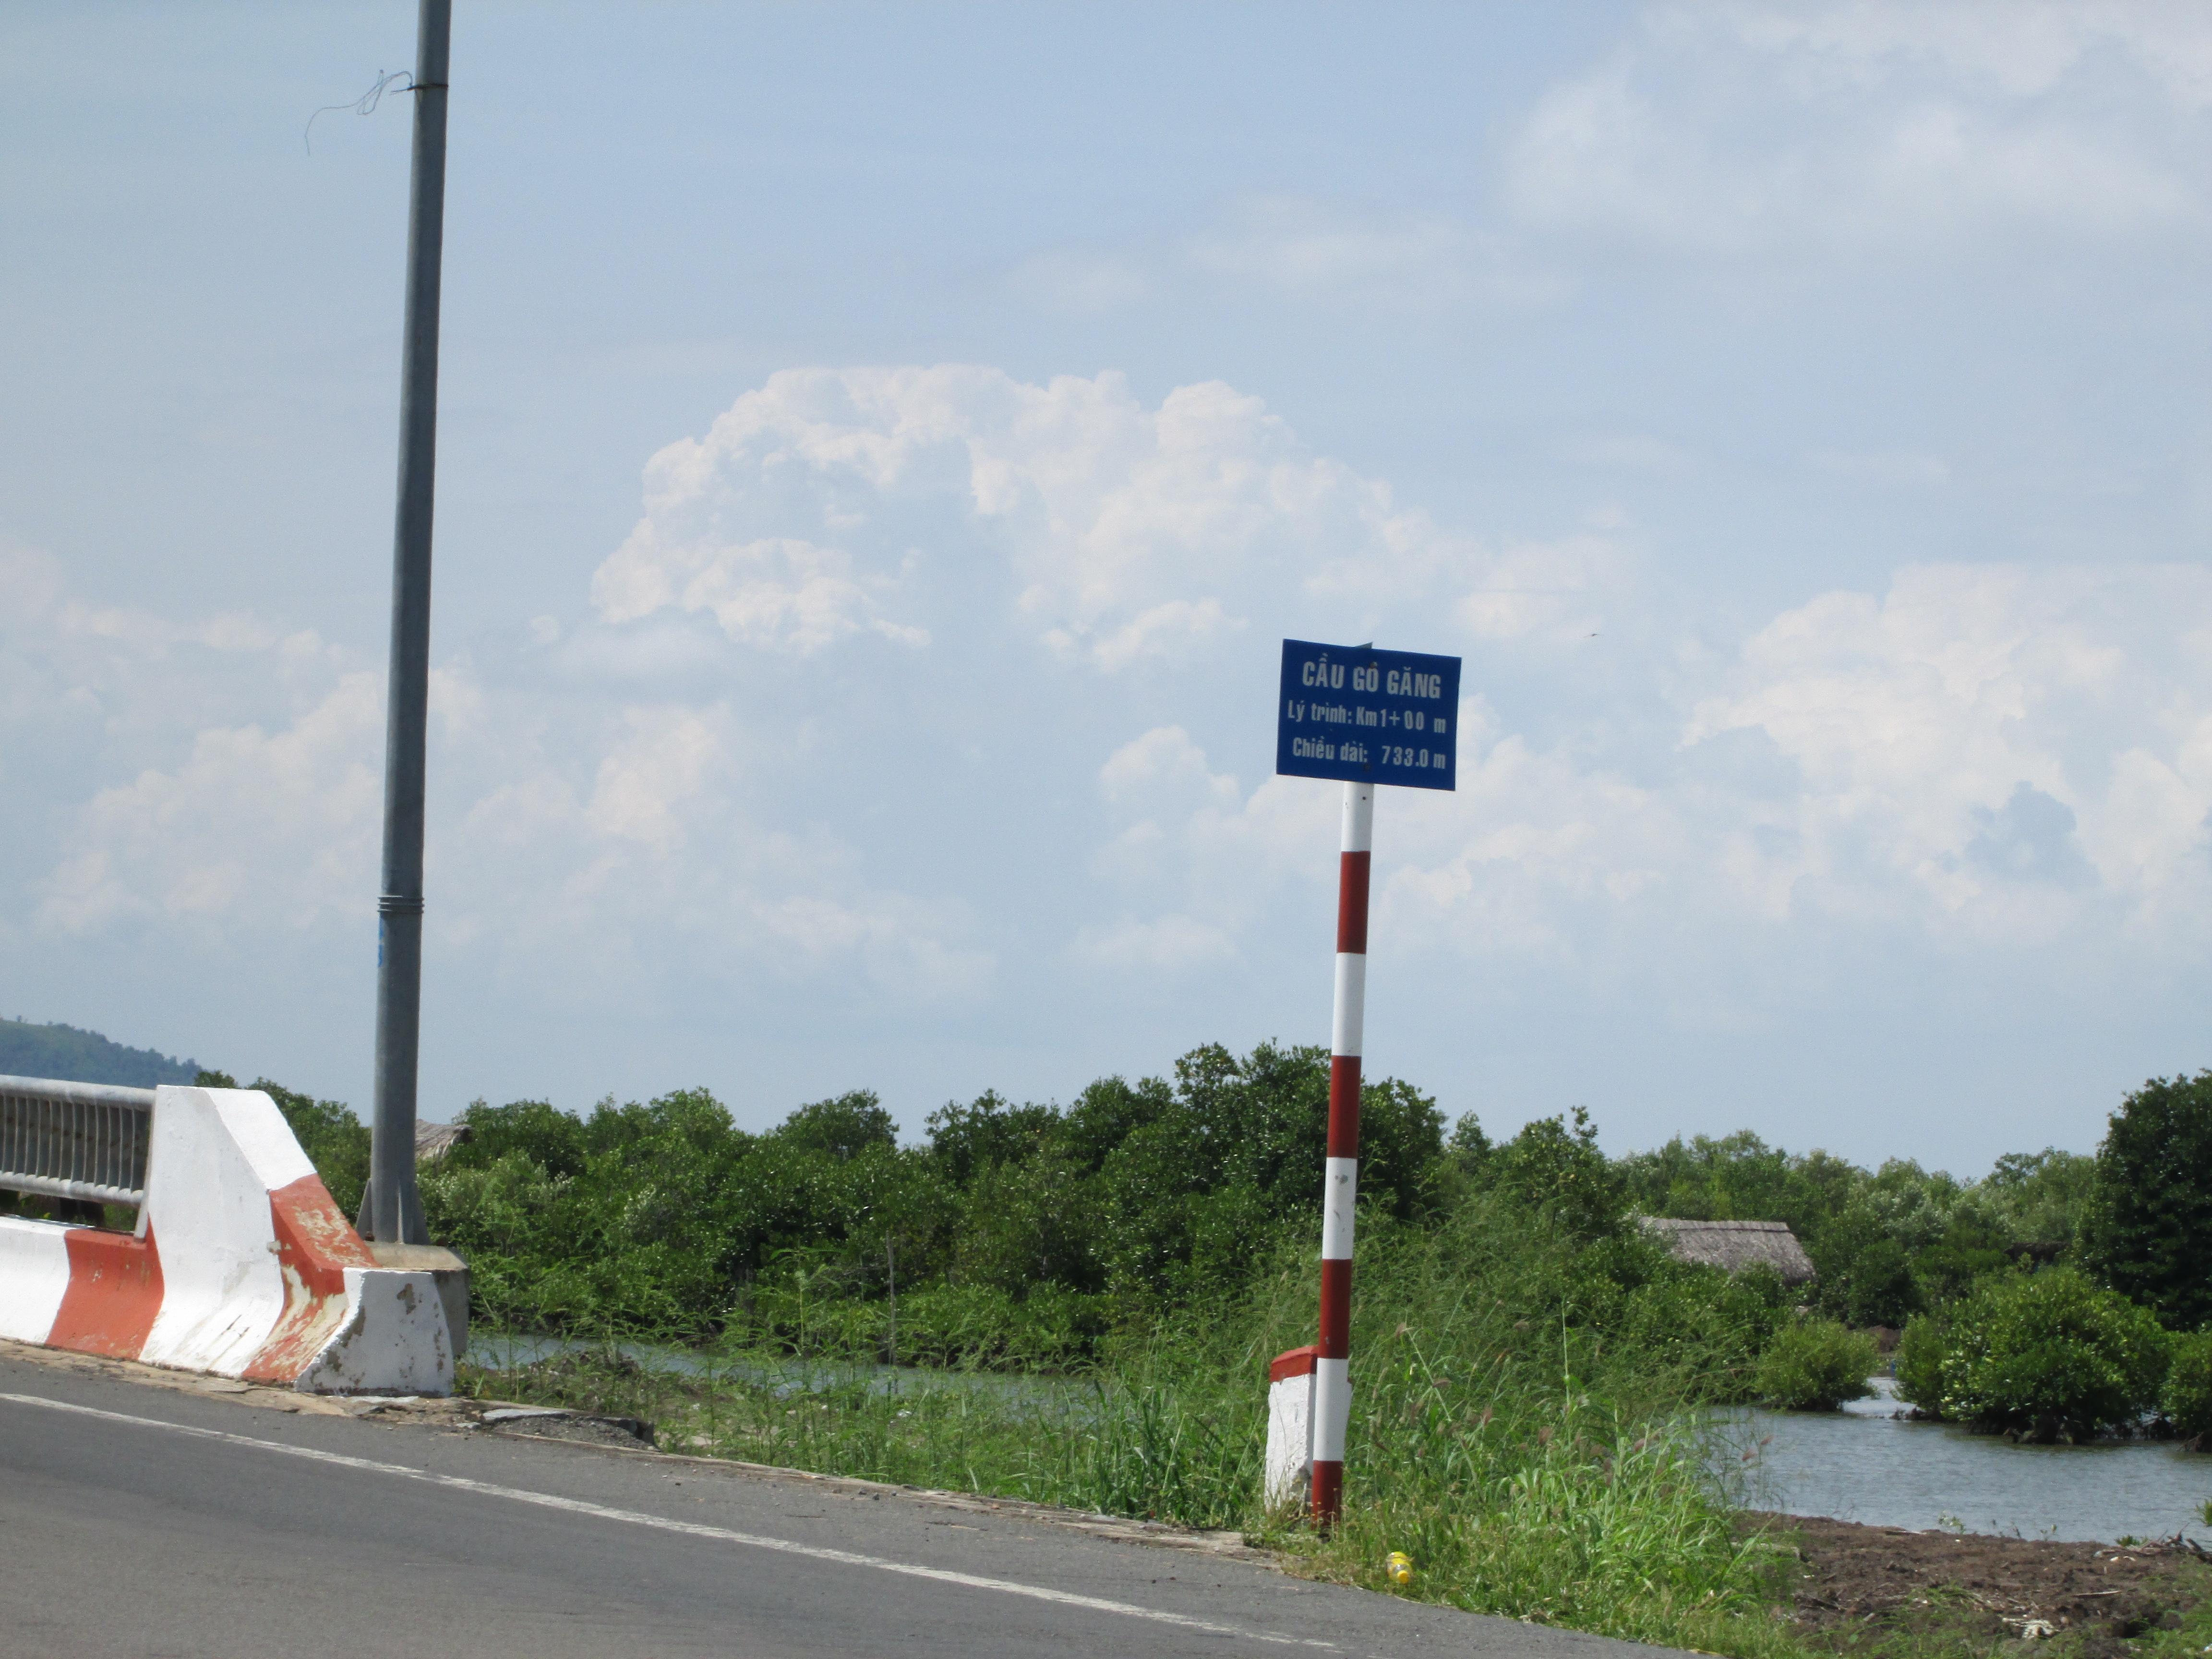 Danh sách những cây cầu tại Bà Rịa - Vũng Tàu